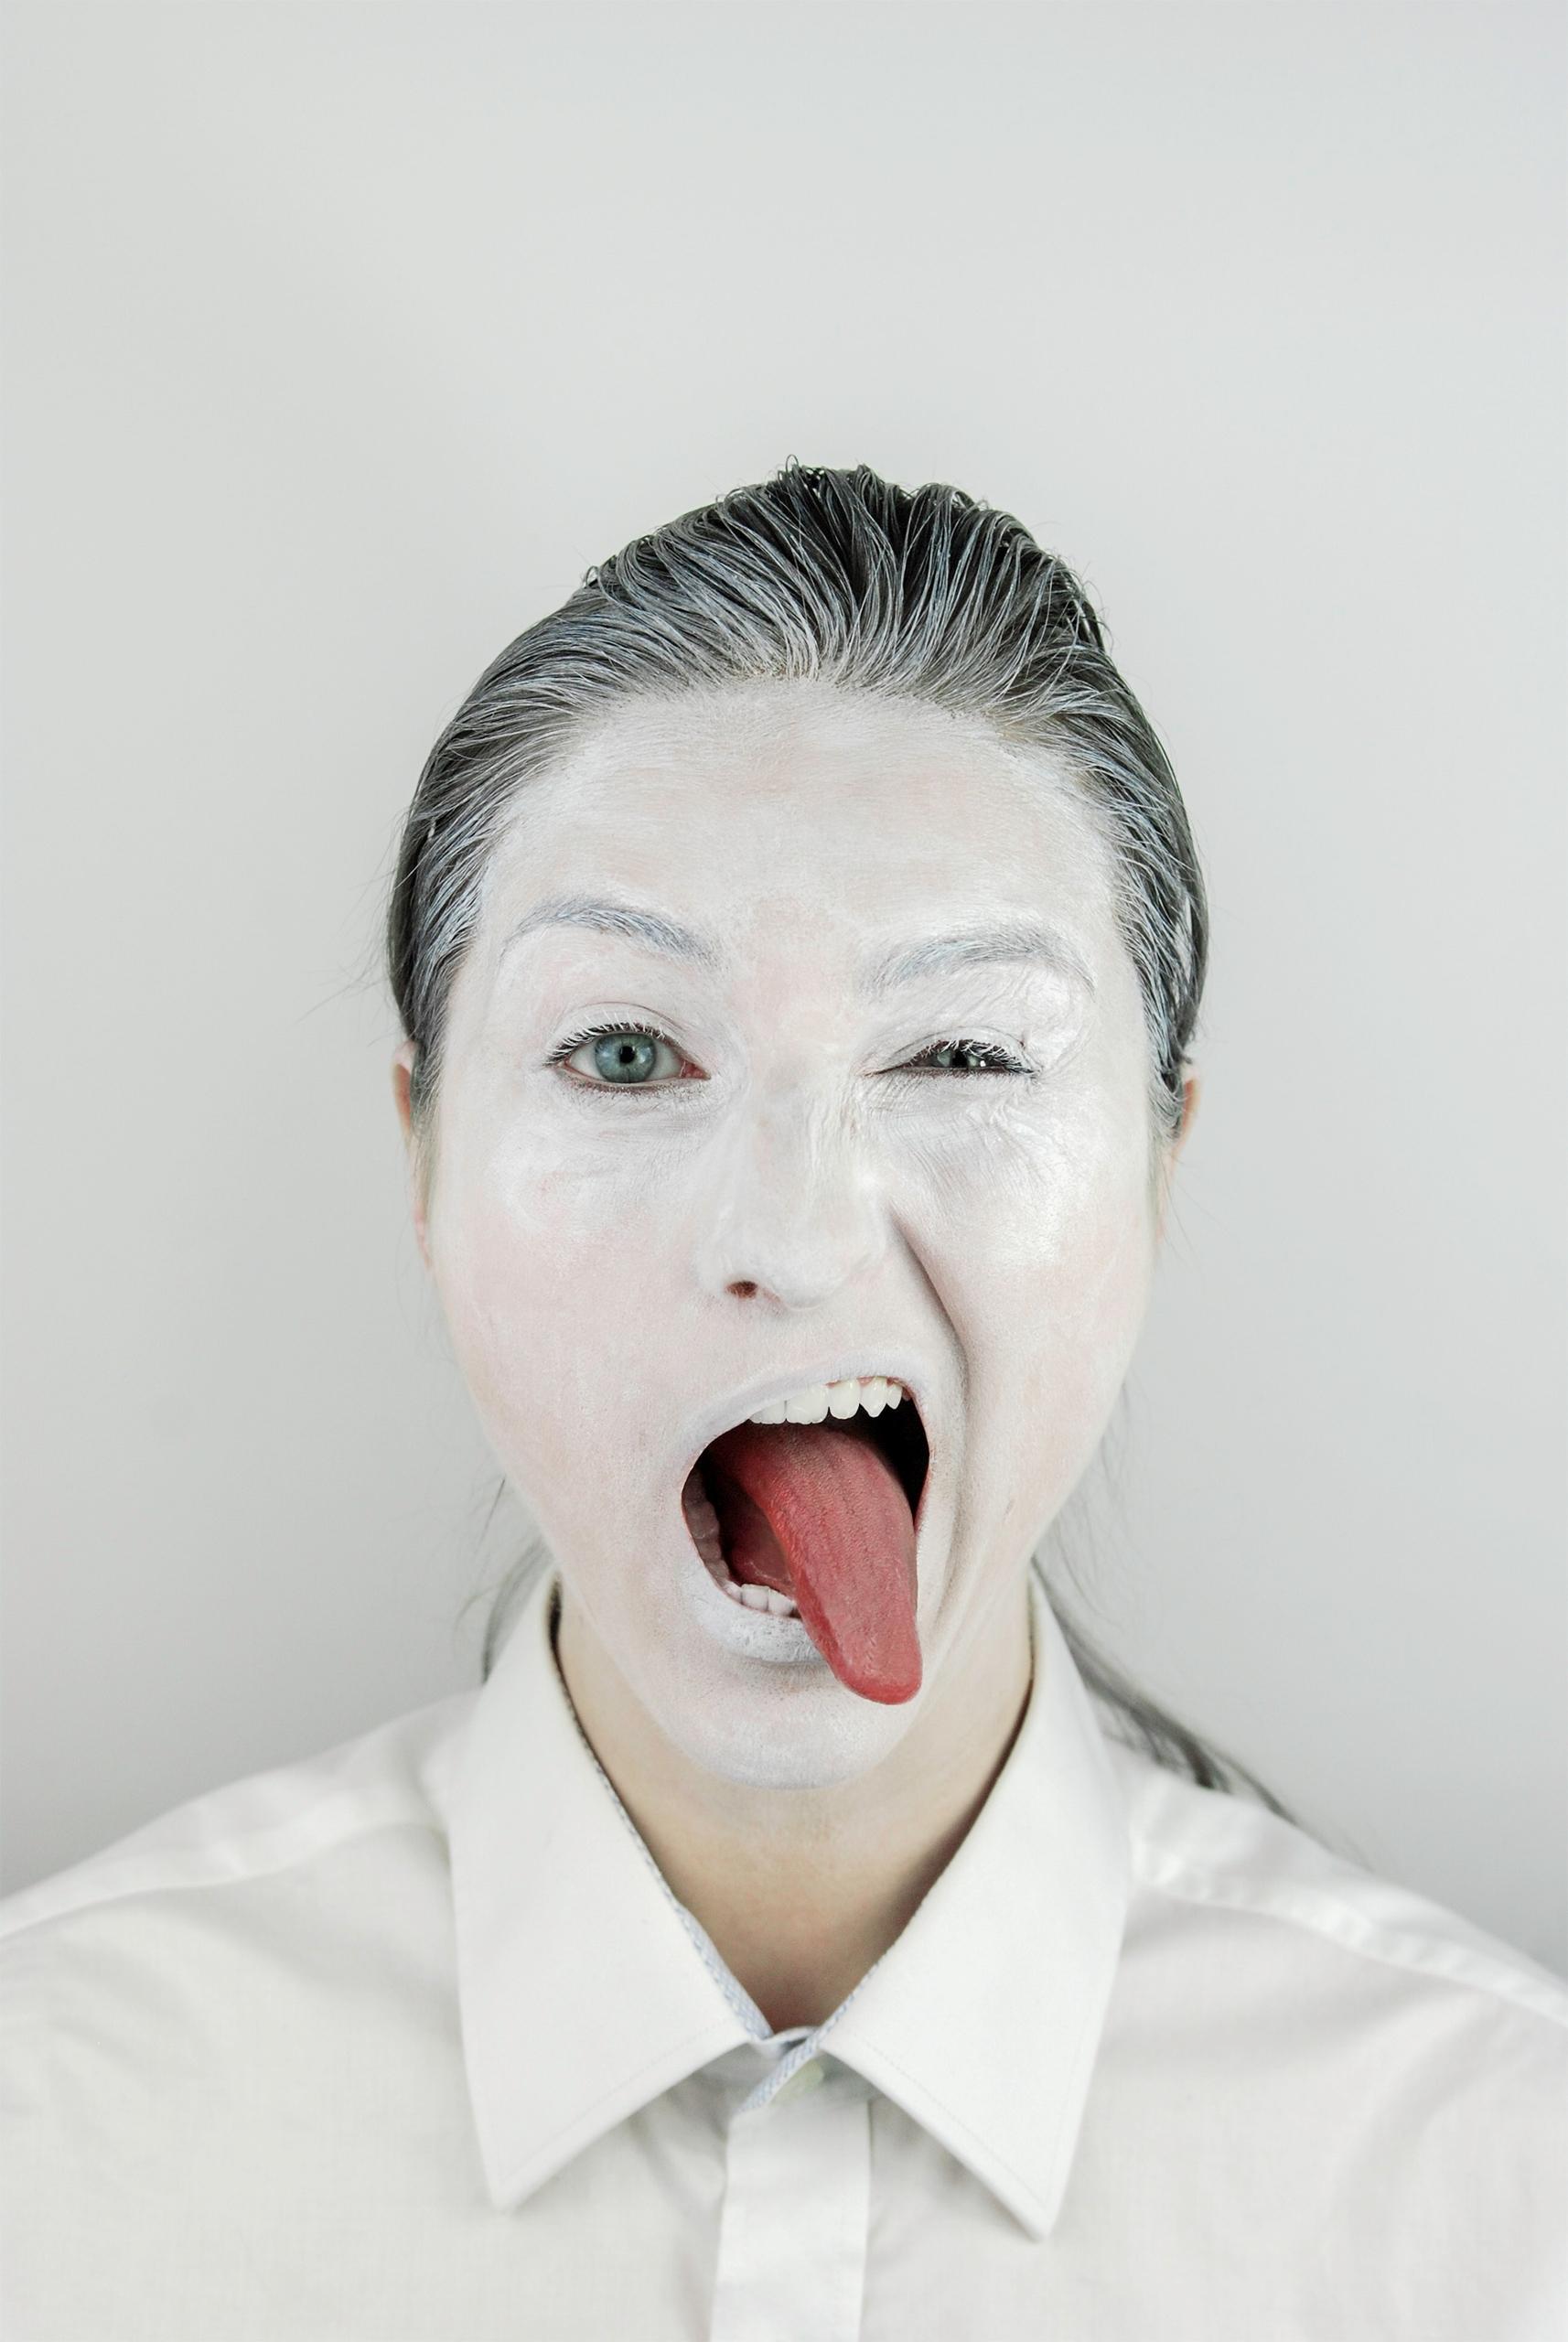 O kolorach: Biel, cz.1